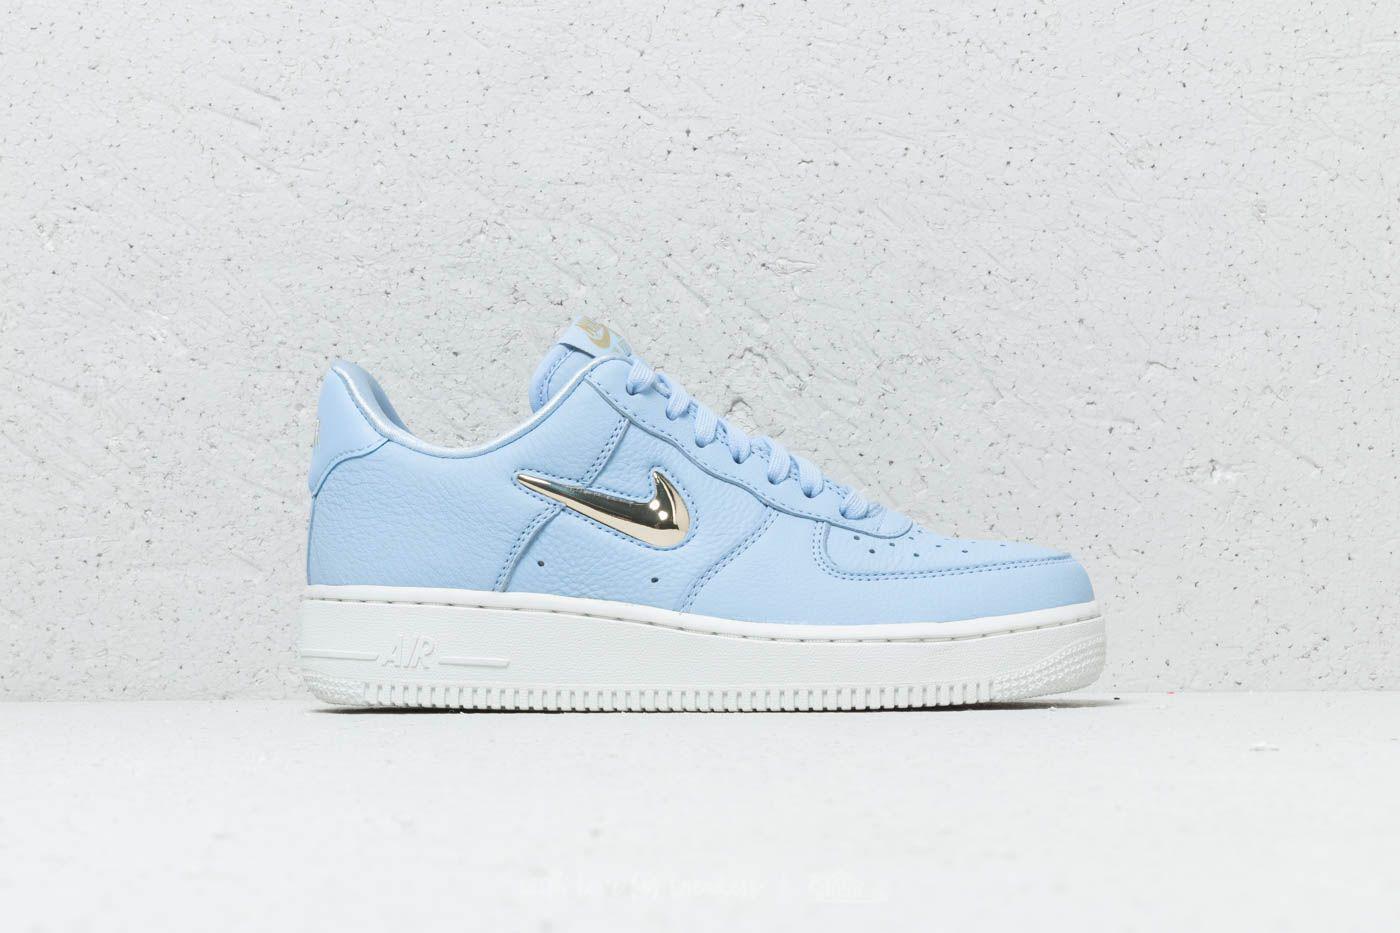 nike air force 1 royal tint